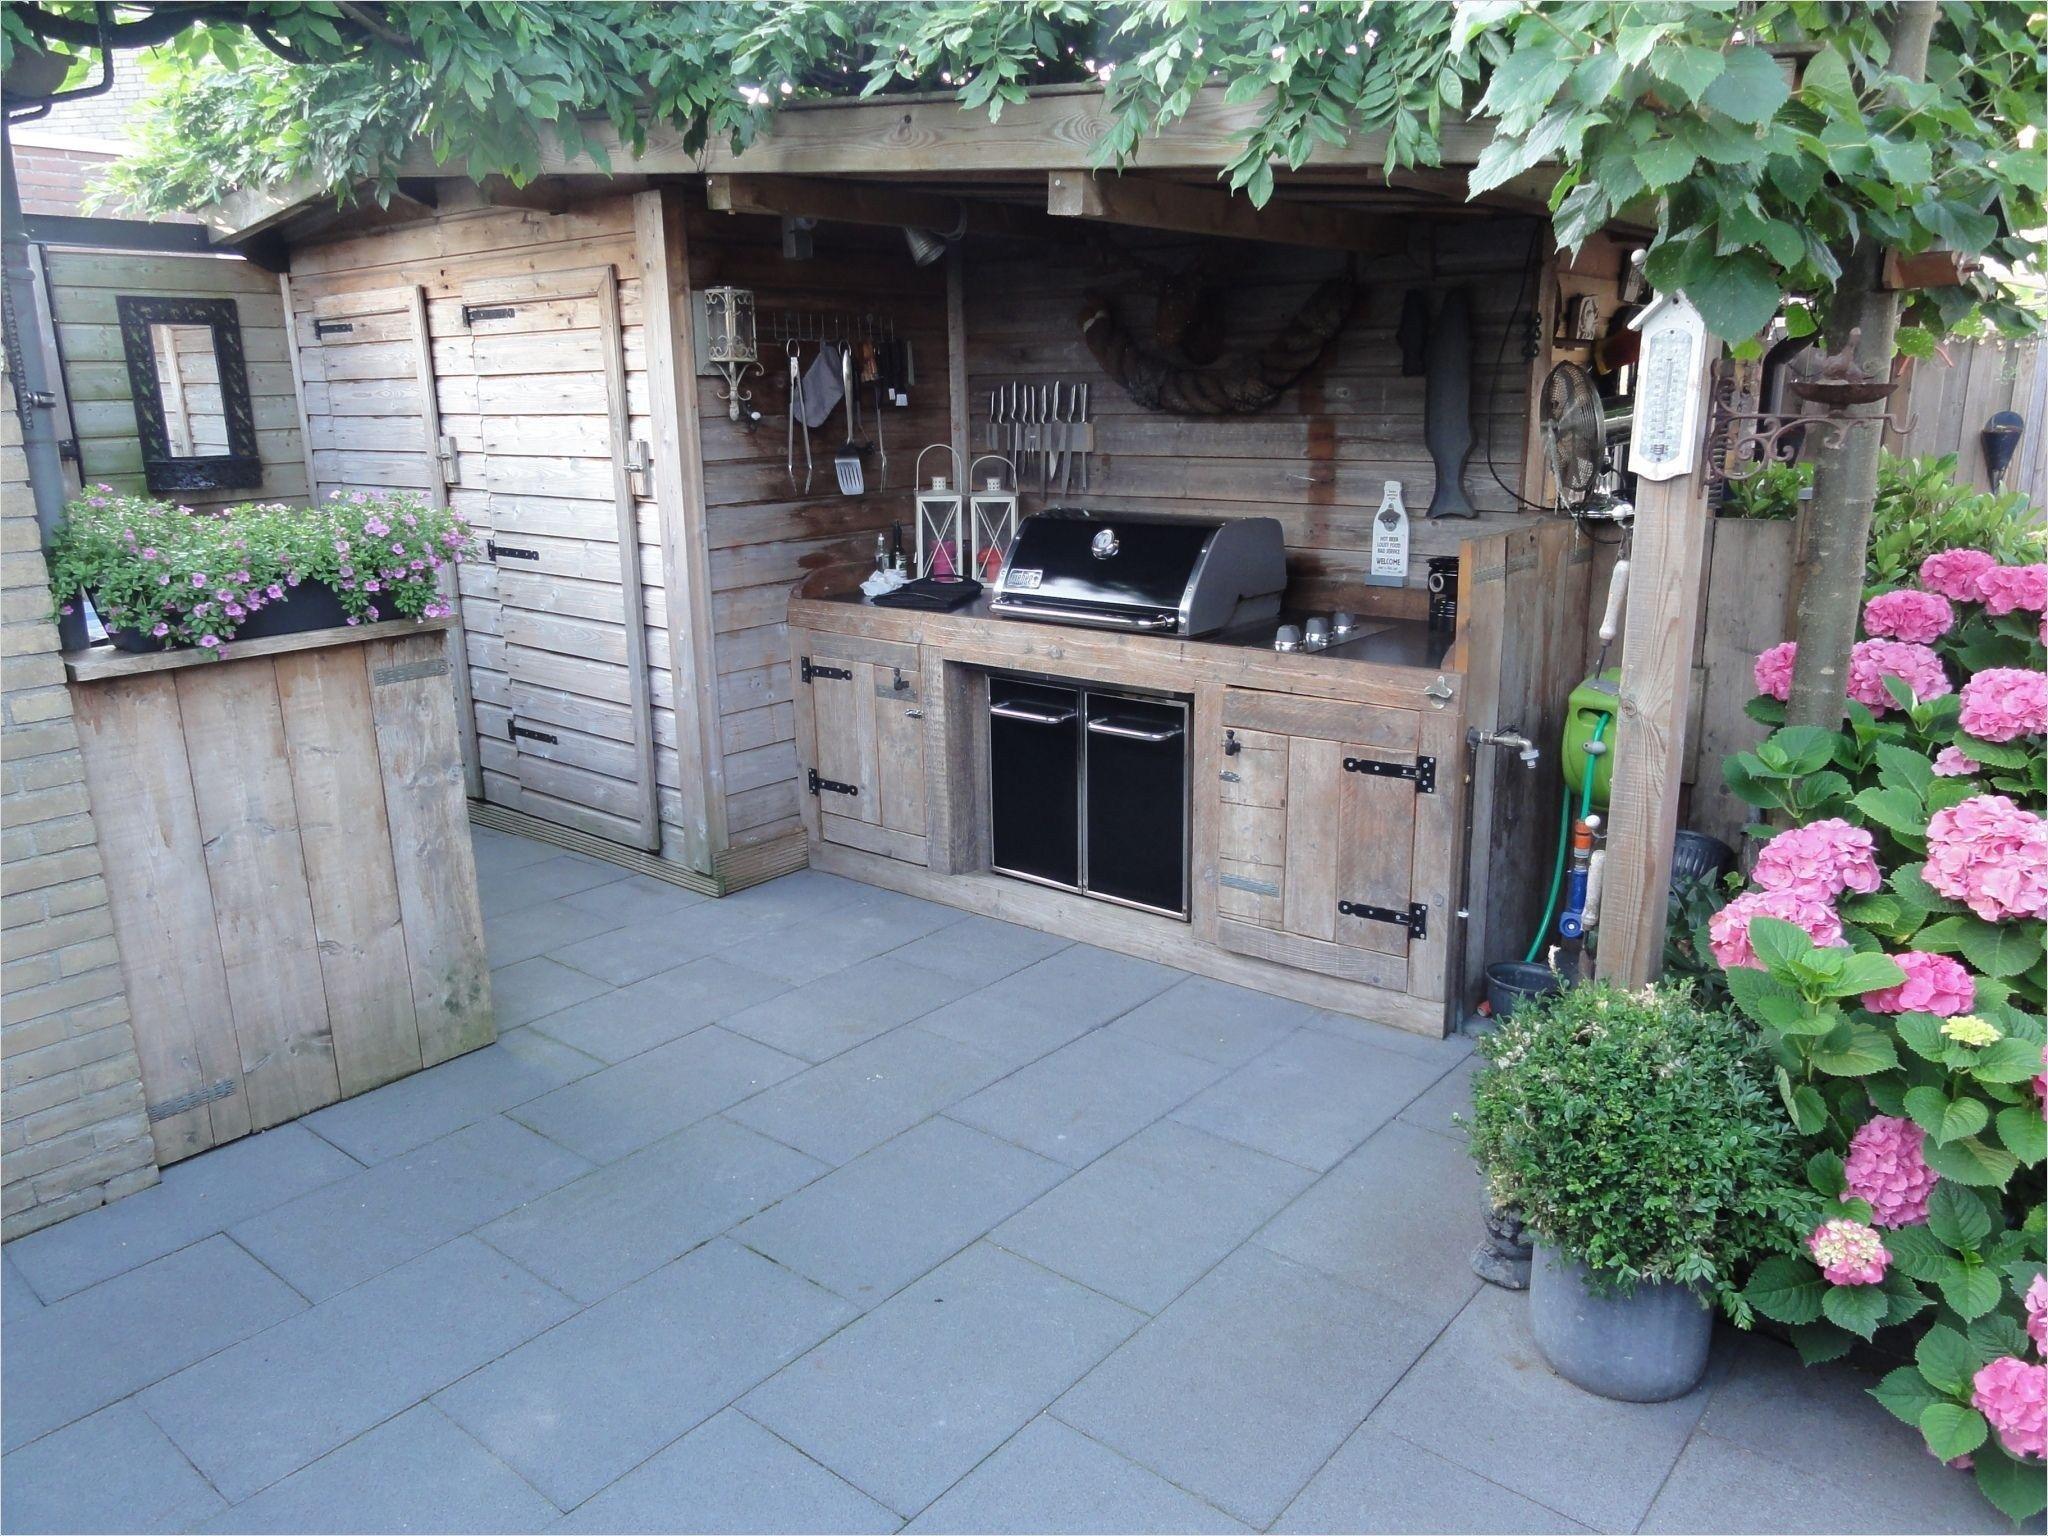 45 Perfect Backyard Bbq Landscaping Ideas 53 Weber Genesis Buiten